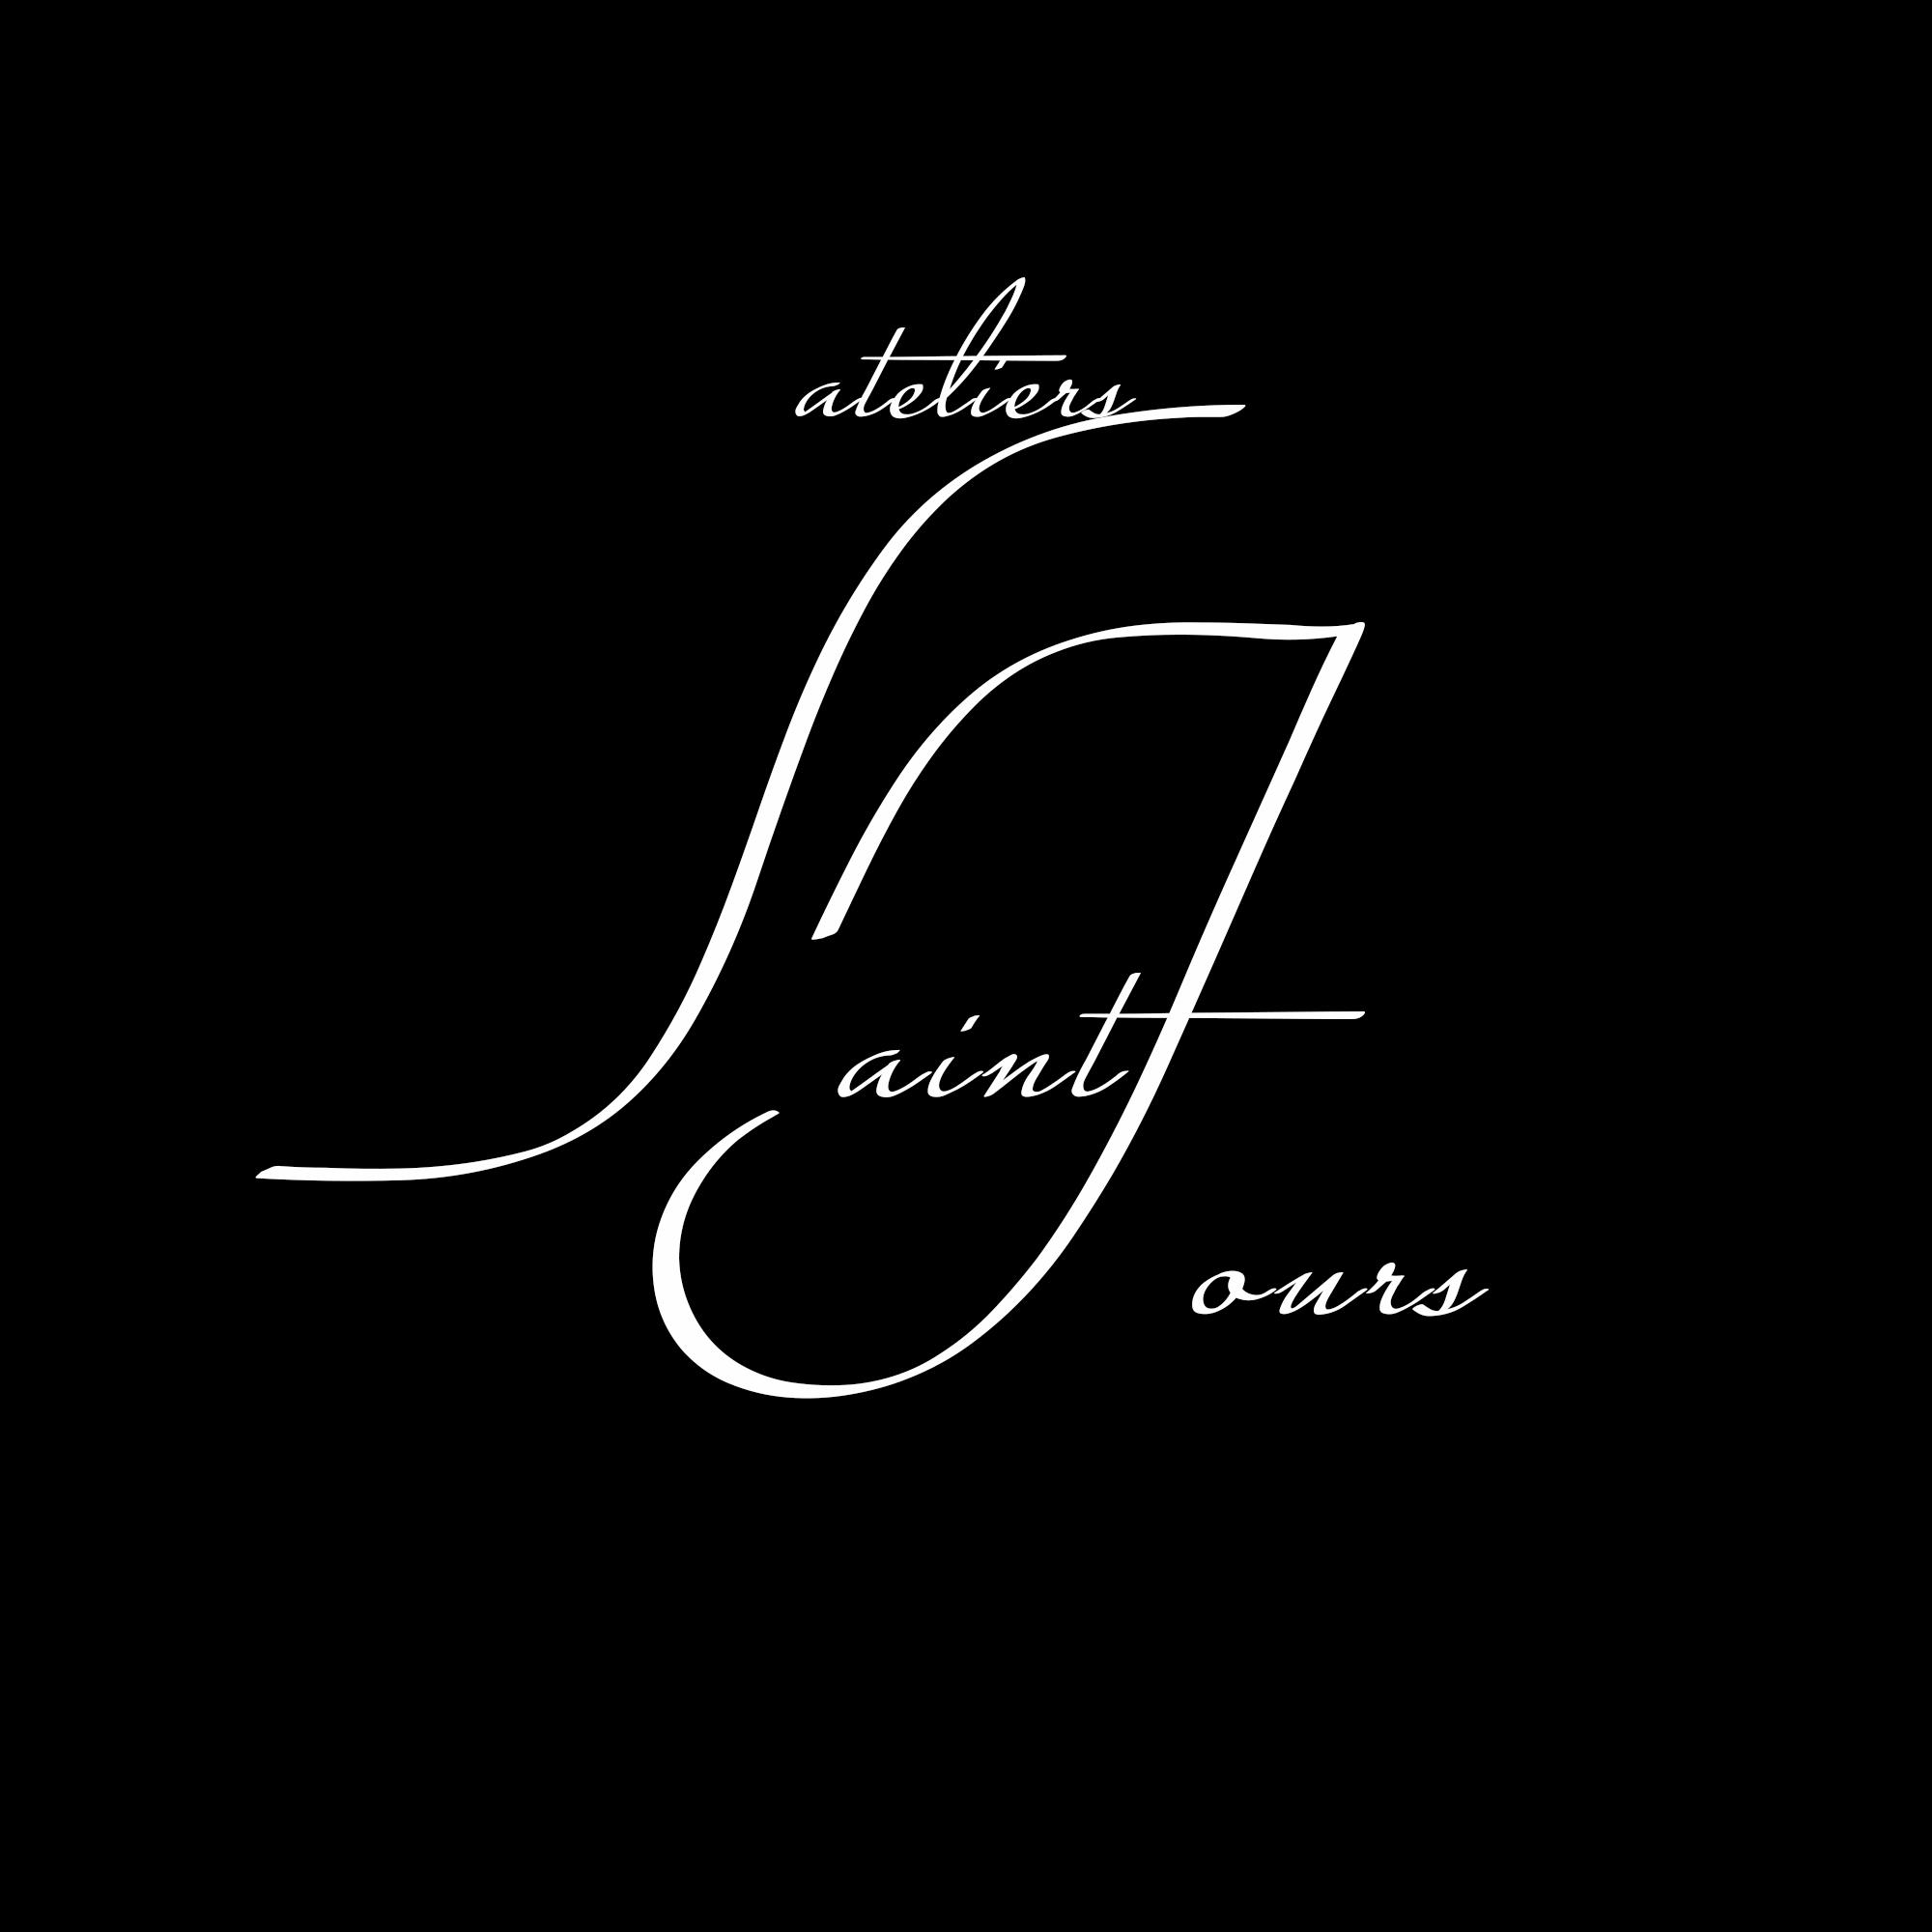 logo-ateliers-saint-jours